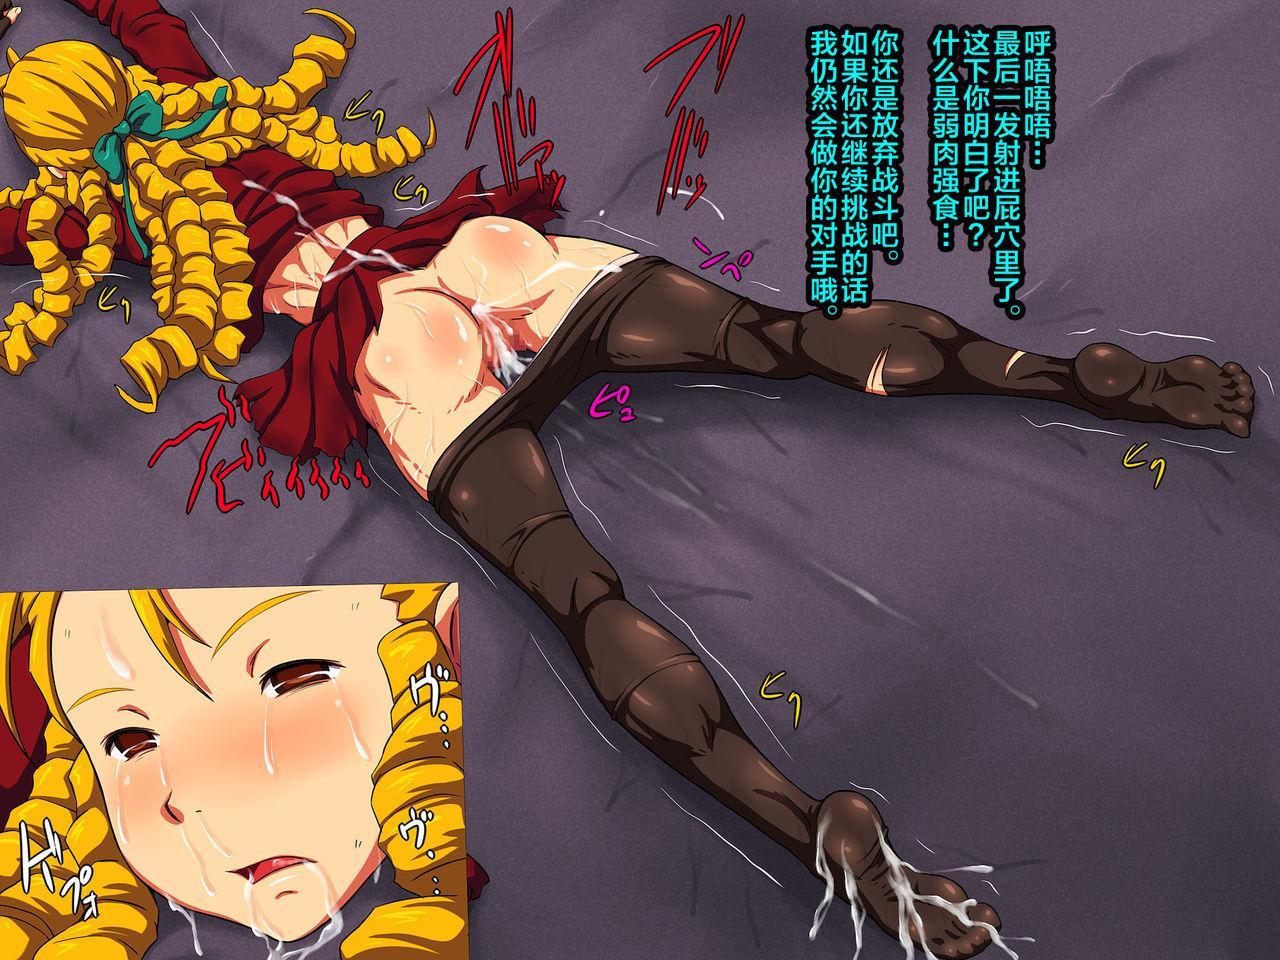 [L-u (Makura no Doushi)] Kegasareta Ojou-sama -Tights ni Shimiru Jiru- (Street Fighter) [Chinese] [新桥月白日语社] 48